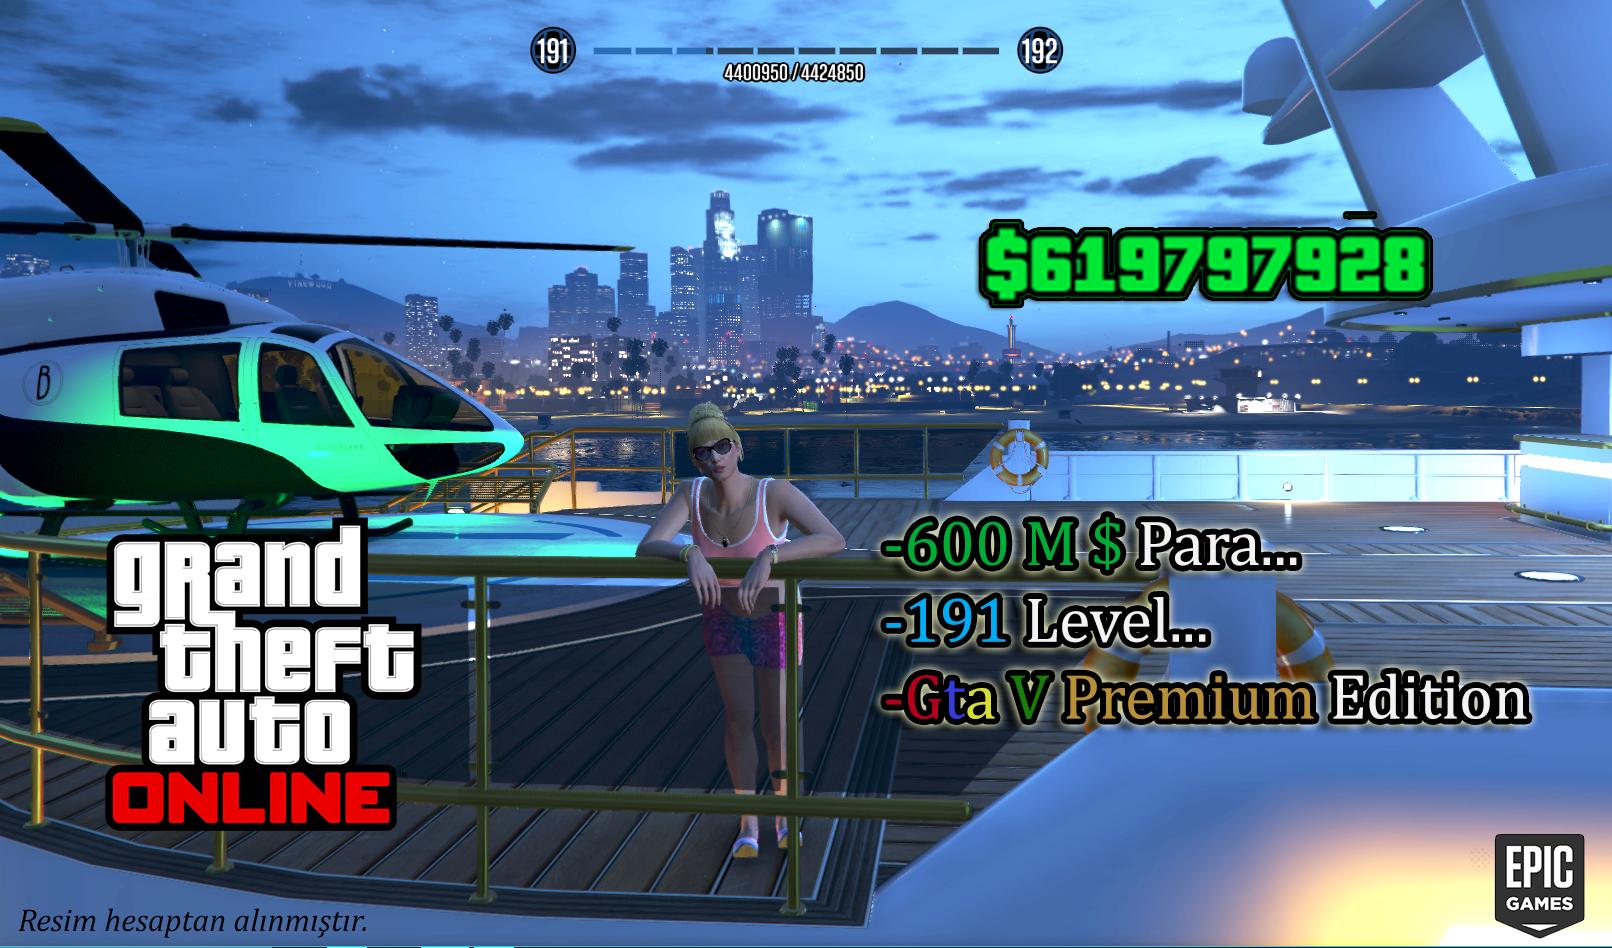 Gta V & Epic Games / 600M $ Para Ve 191 Level